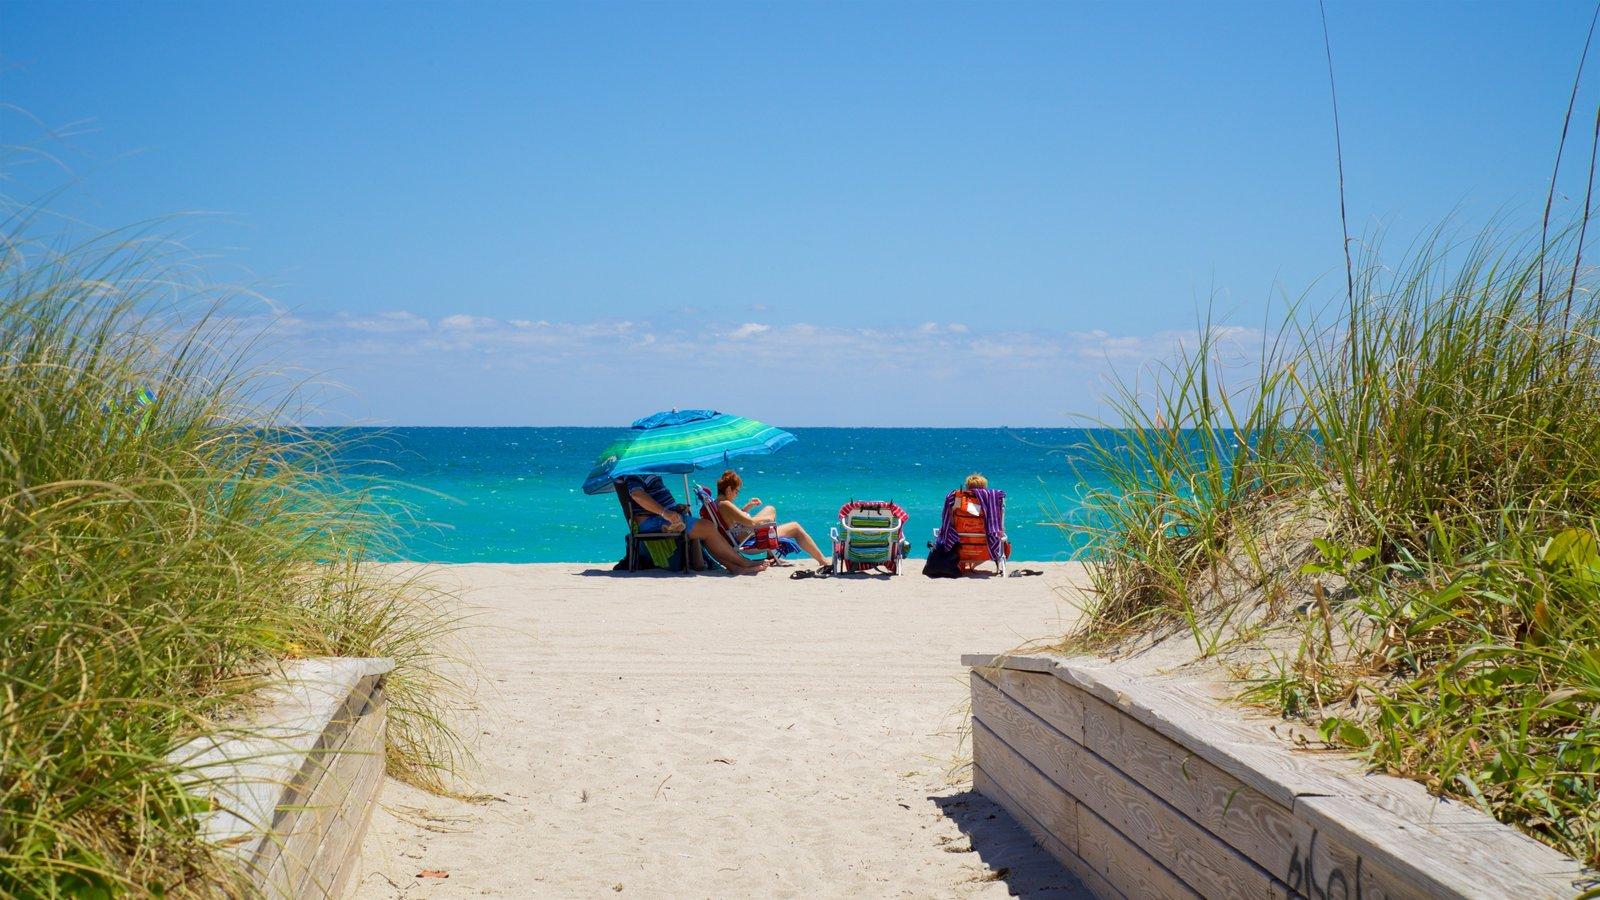 Hollywood North Beach Park mostrando uma praia e paisagens litorâneas assim como um pequeno grupo de pessoas